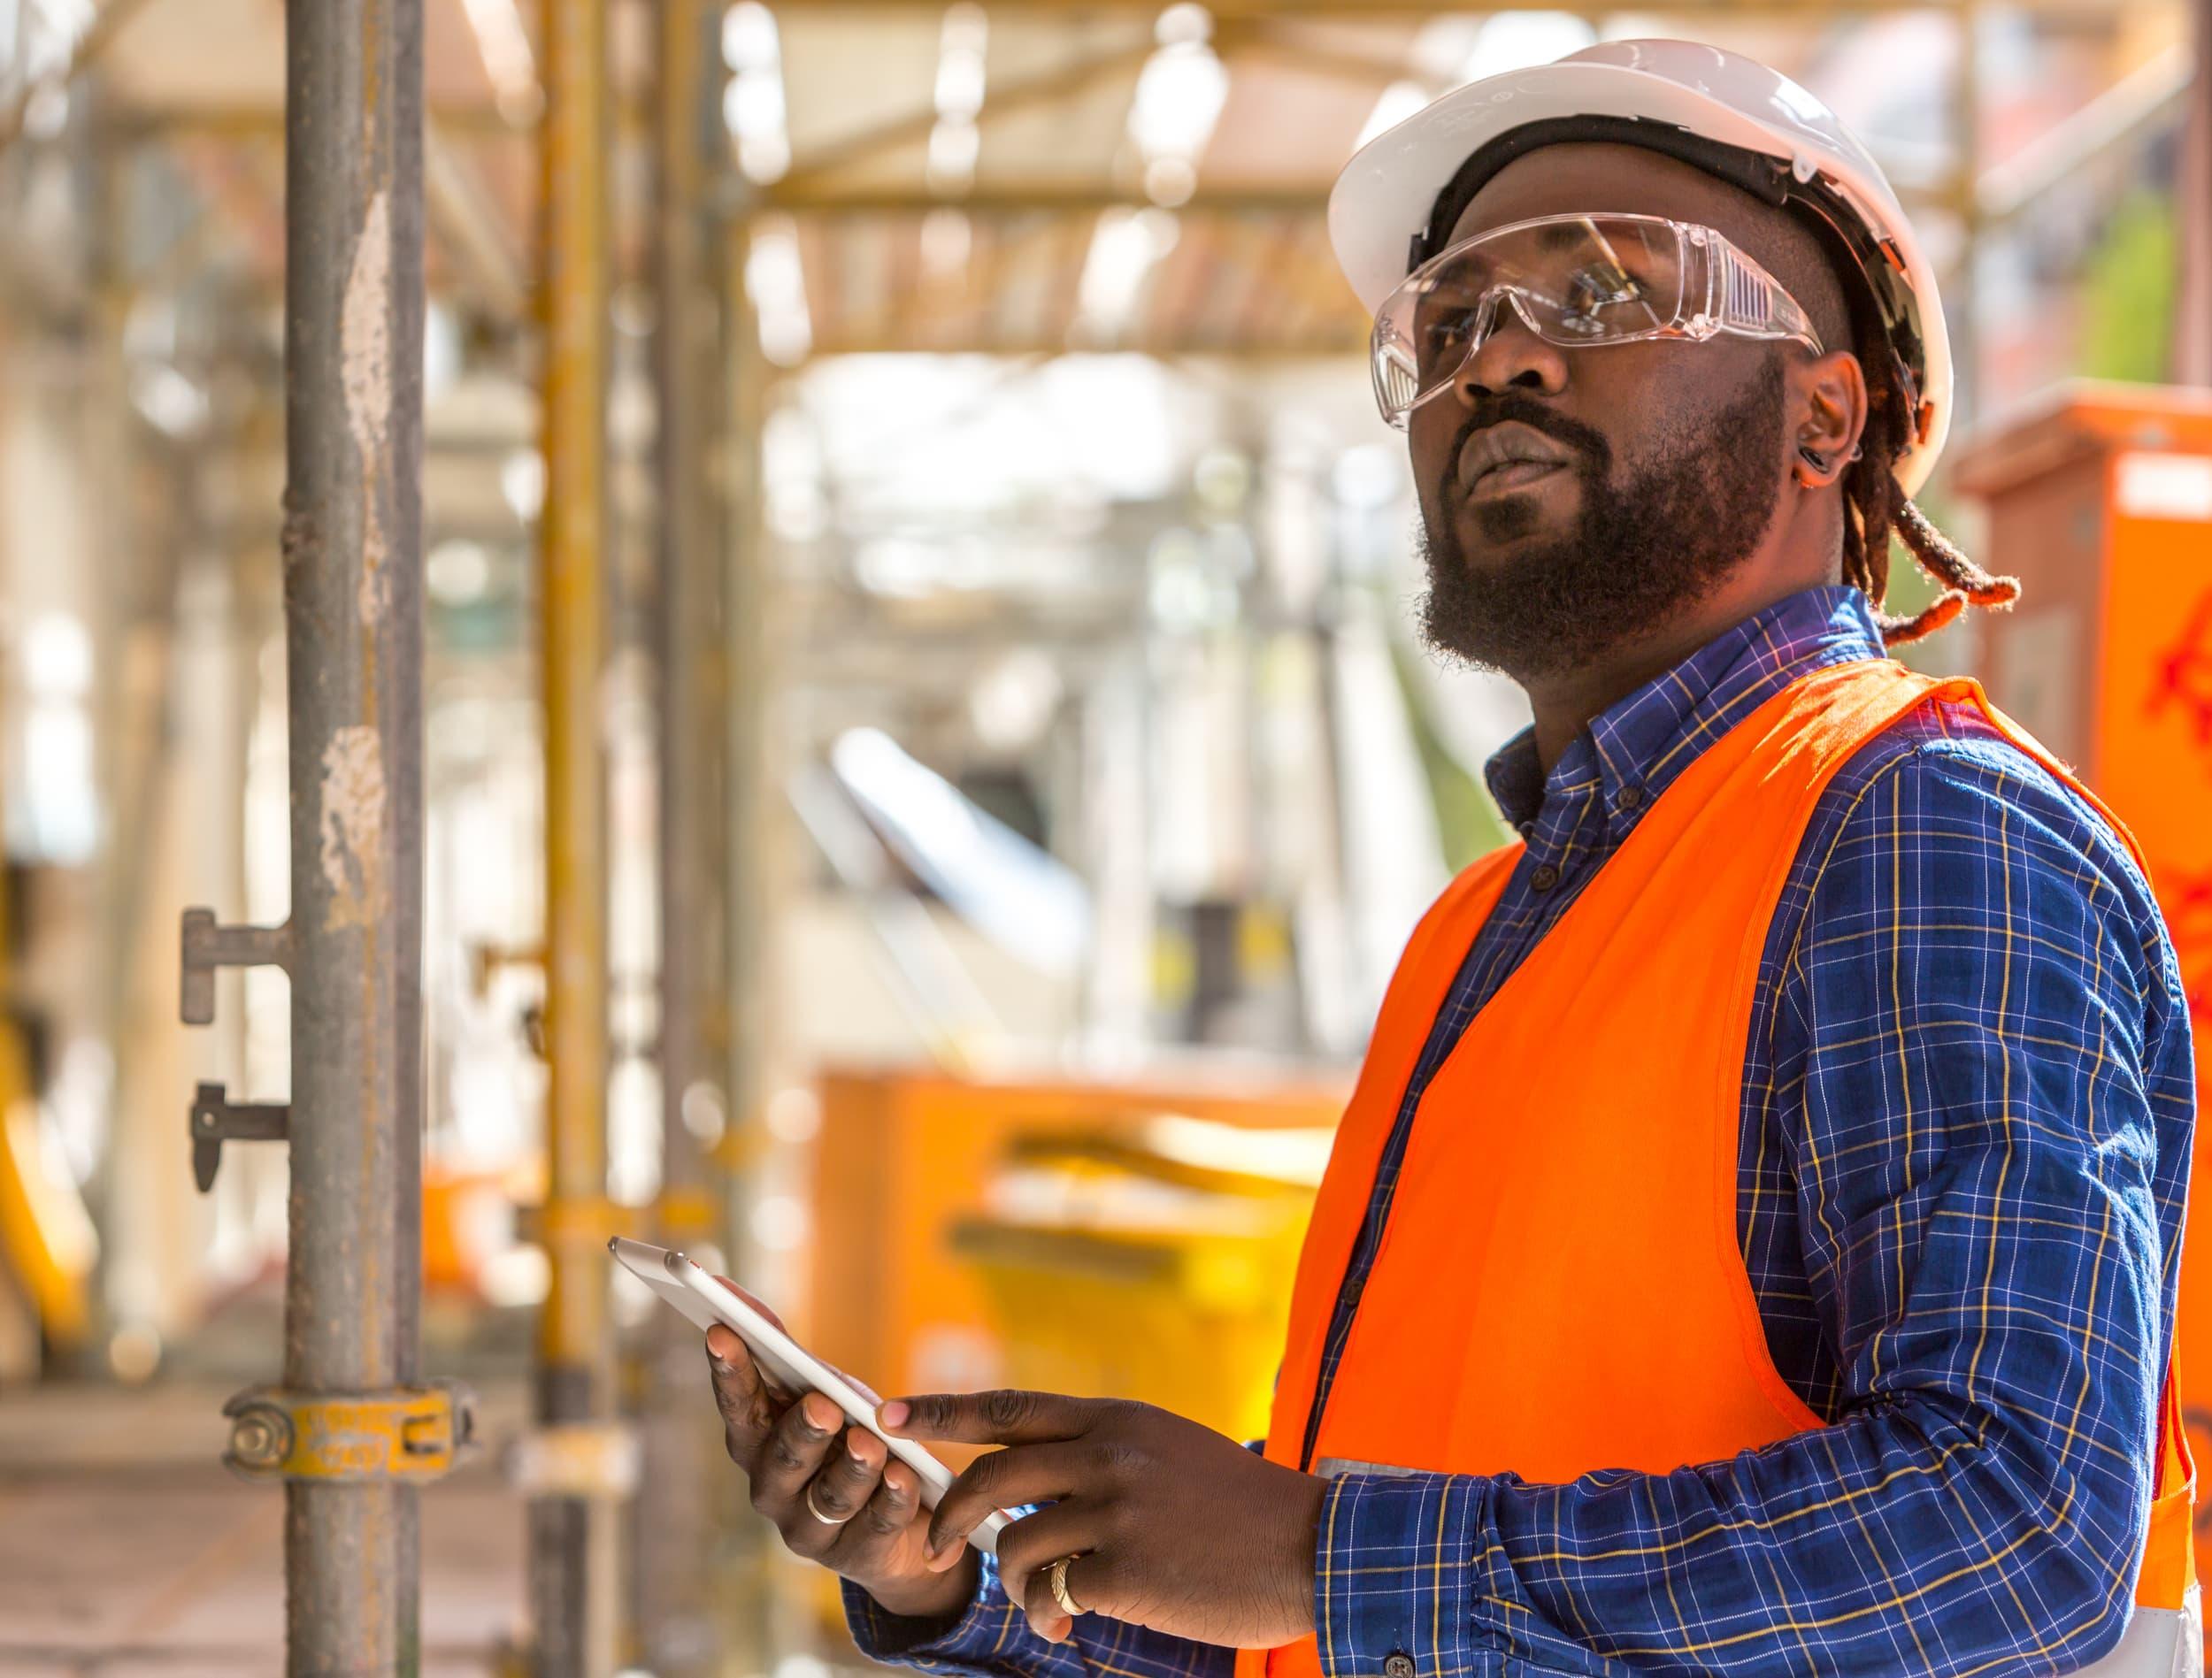 Compliance Training Online Construction Ergonomics course